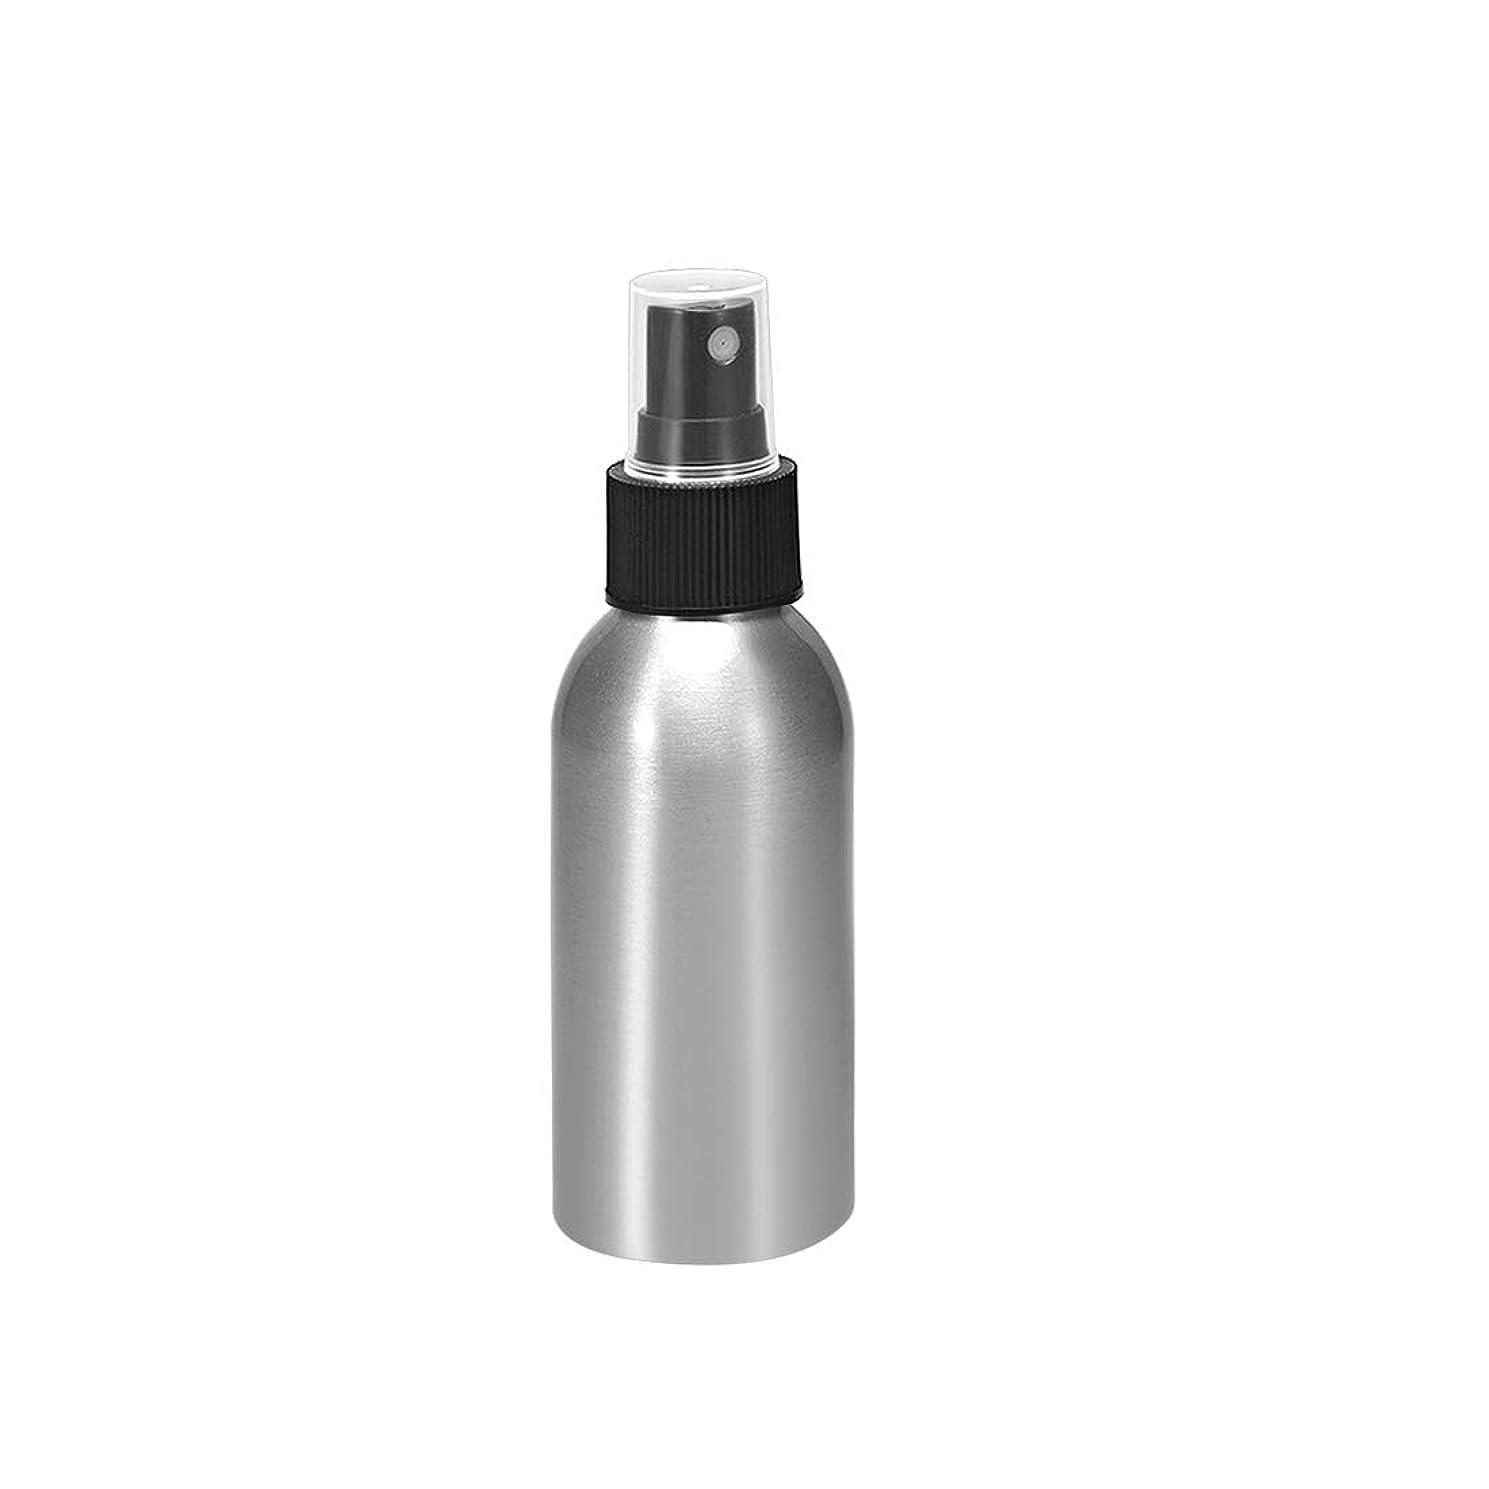 殺人者ガード休日にuxcell uxcell アルミスプレーボトル ブラックファインミストスプレー付き トラベルボトル 1.7oz/50ml